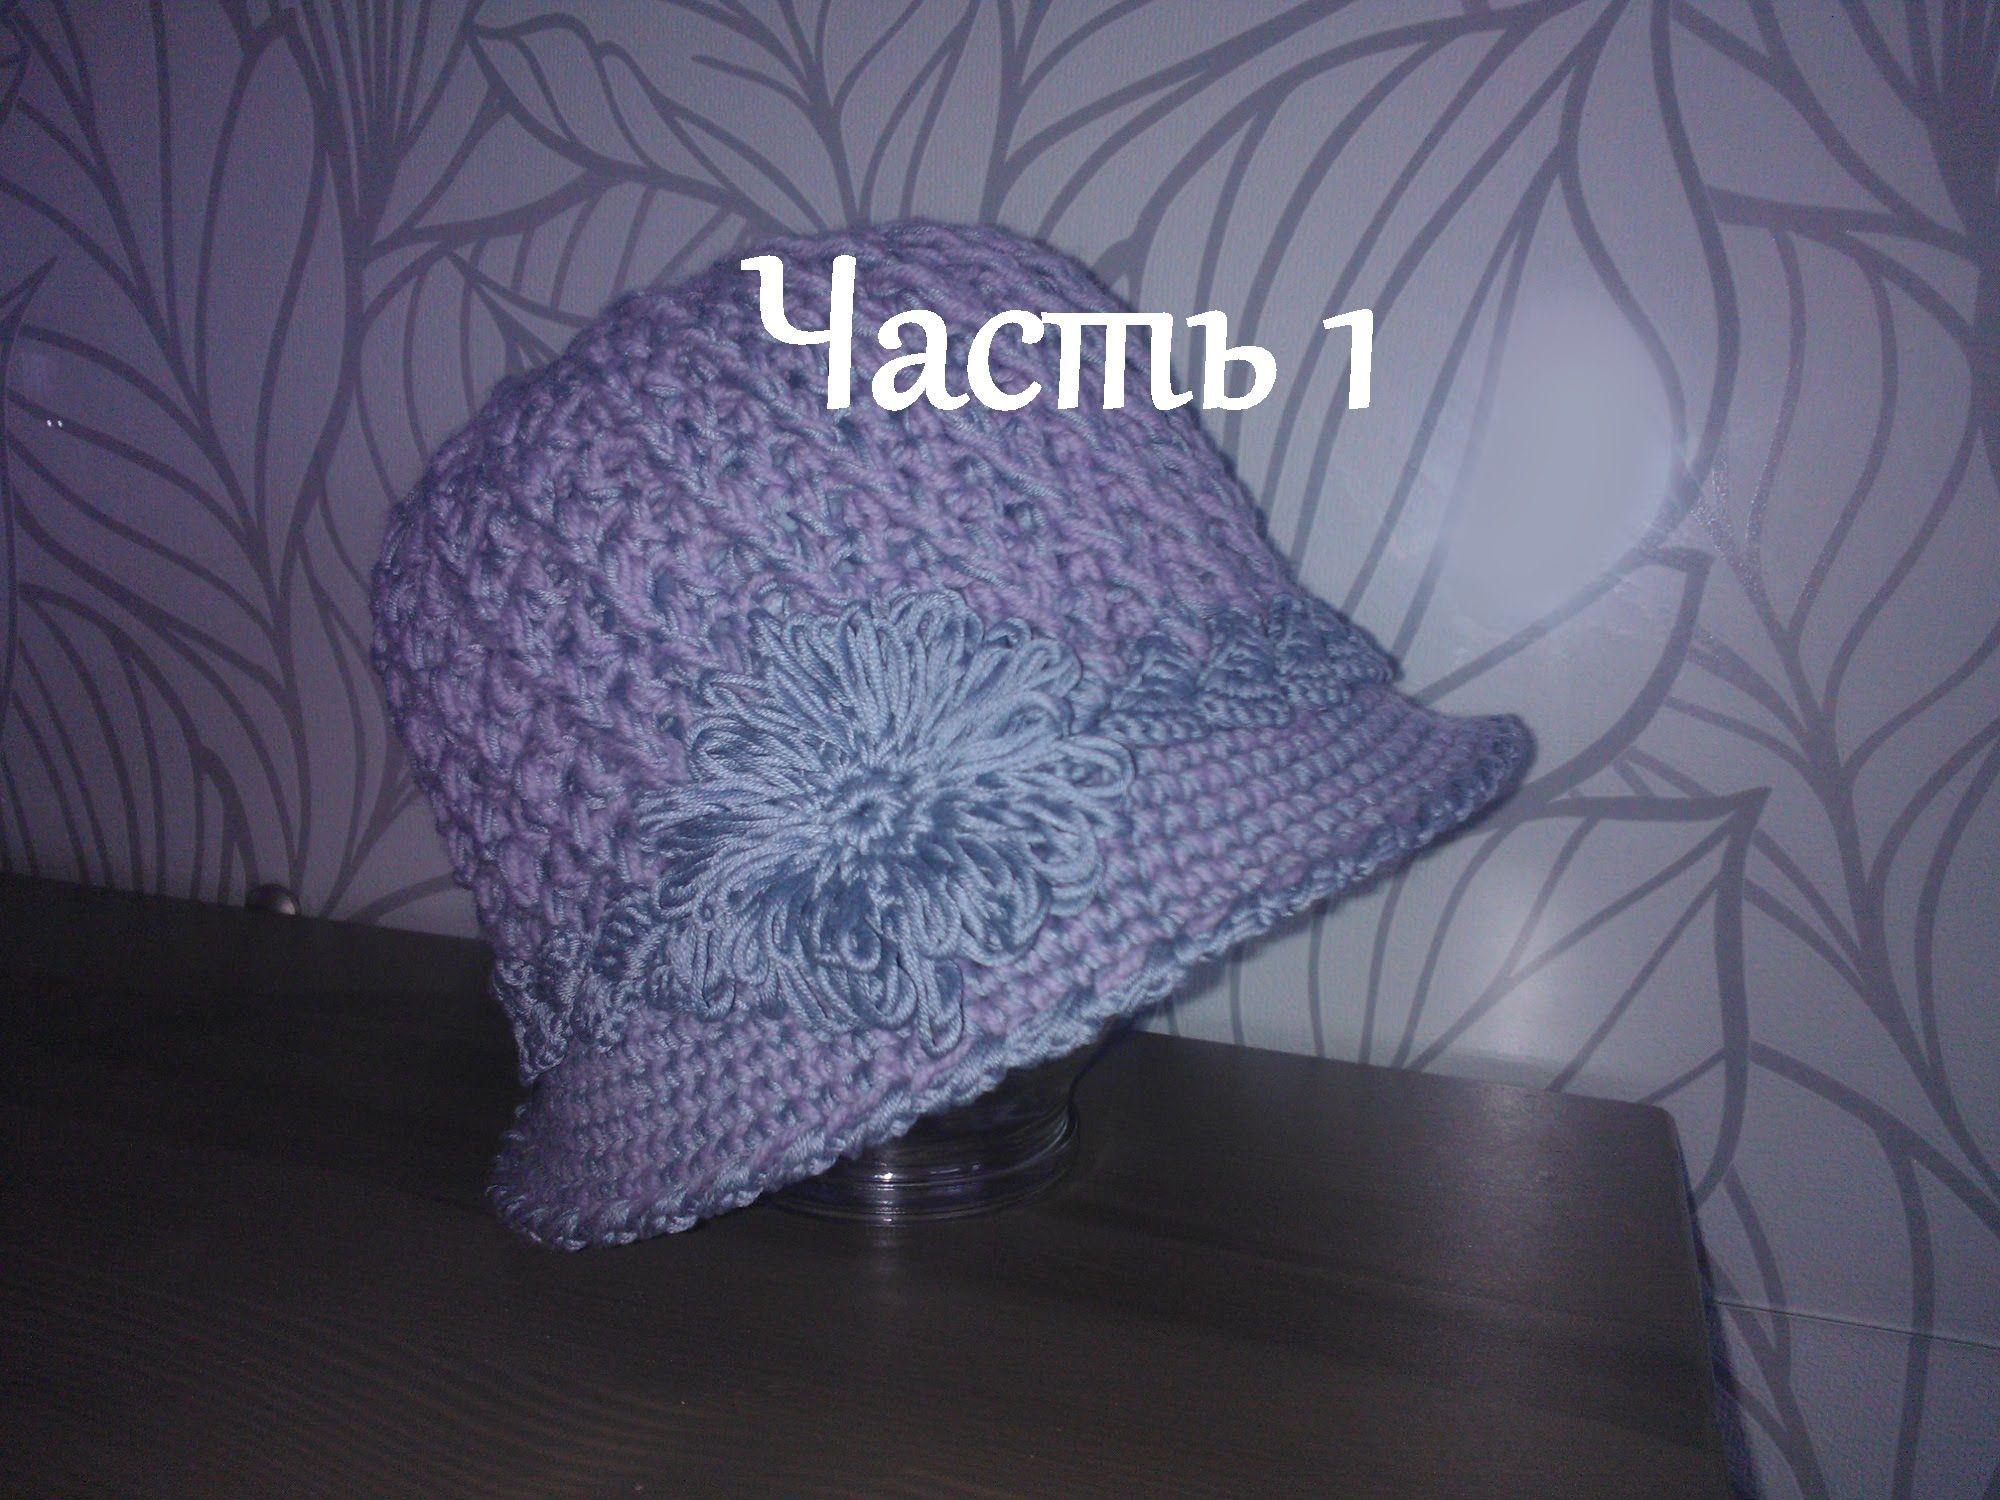 Эта модная женская шляпка (шапка) с полями связана крючком. В Ч.1 видео-урока вяжем донышко шляпы. Видео составлено доступно для начинающих вязать. Оставьте ...